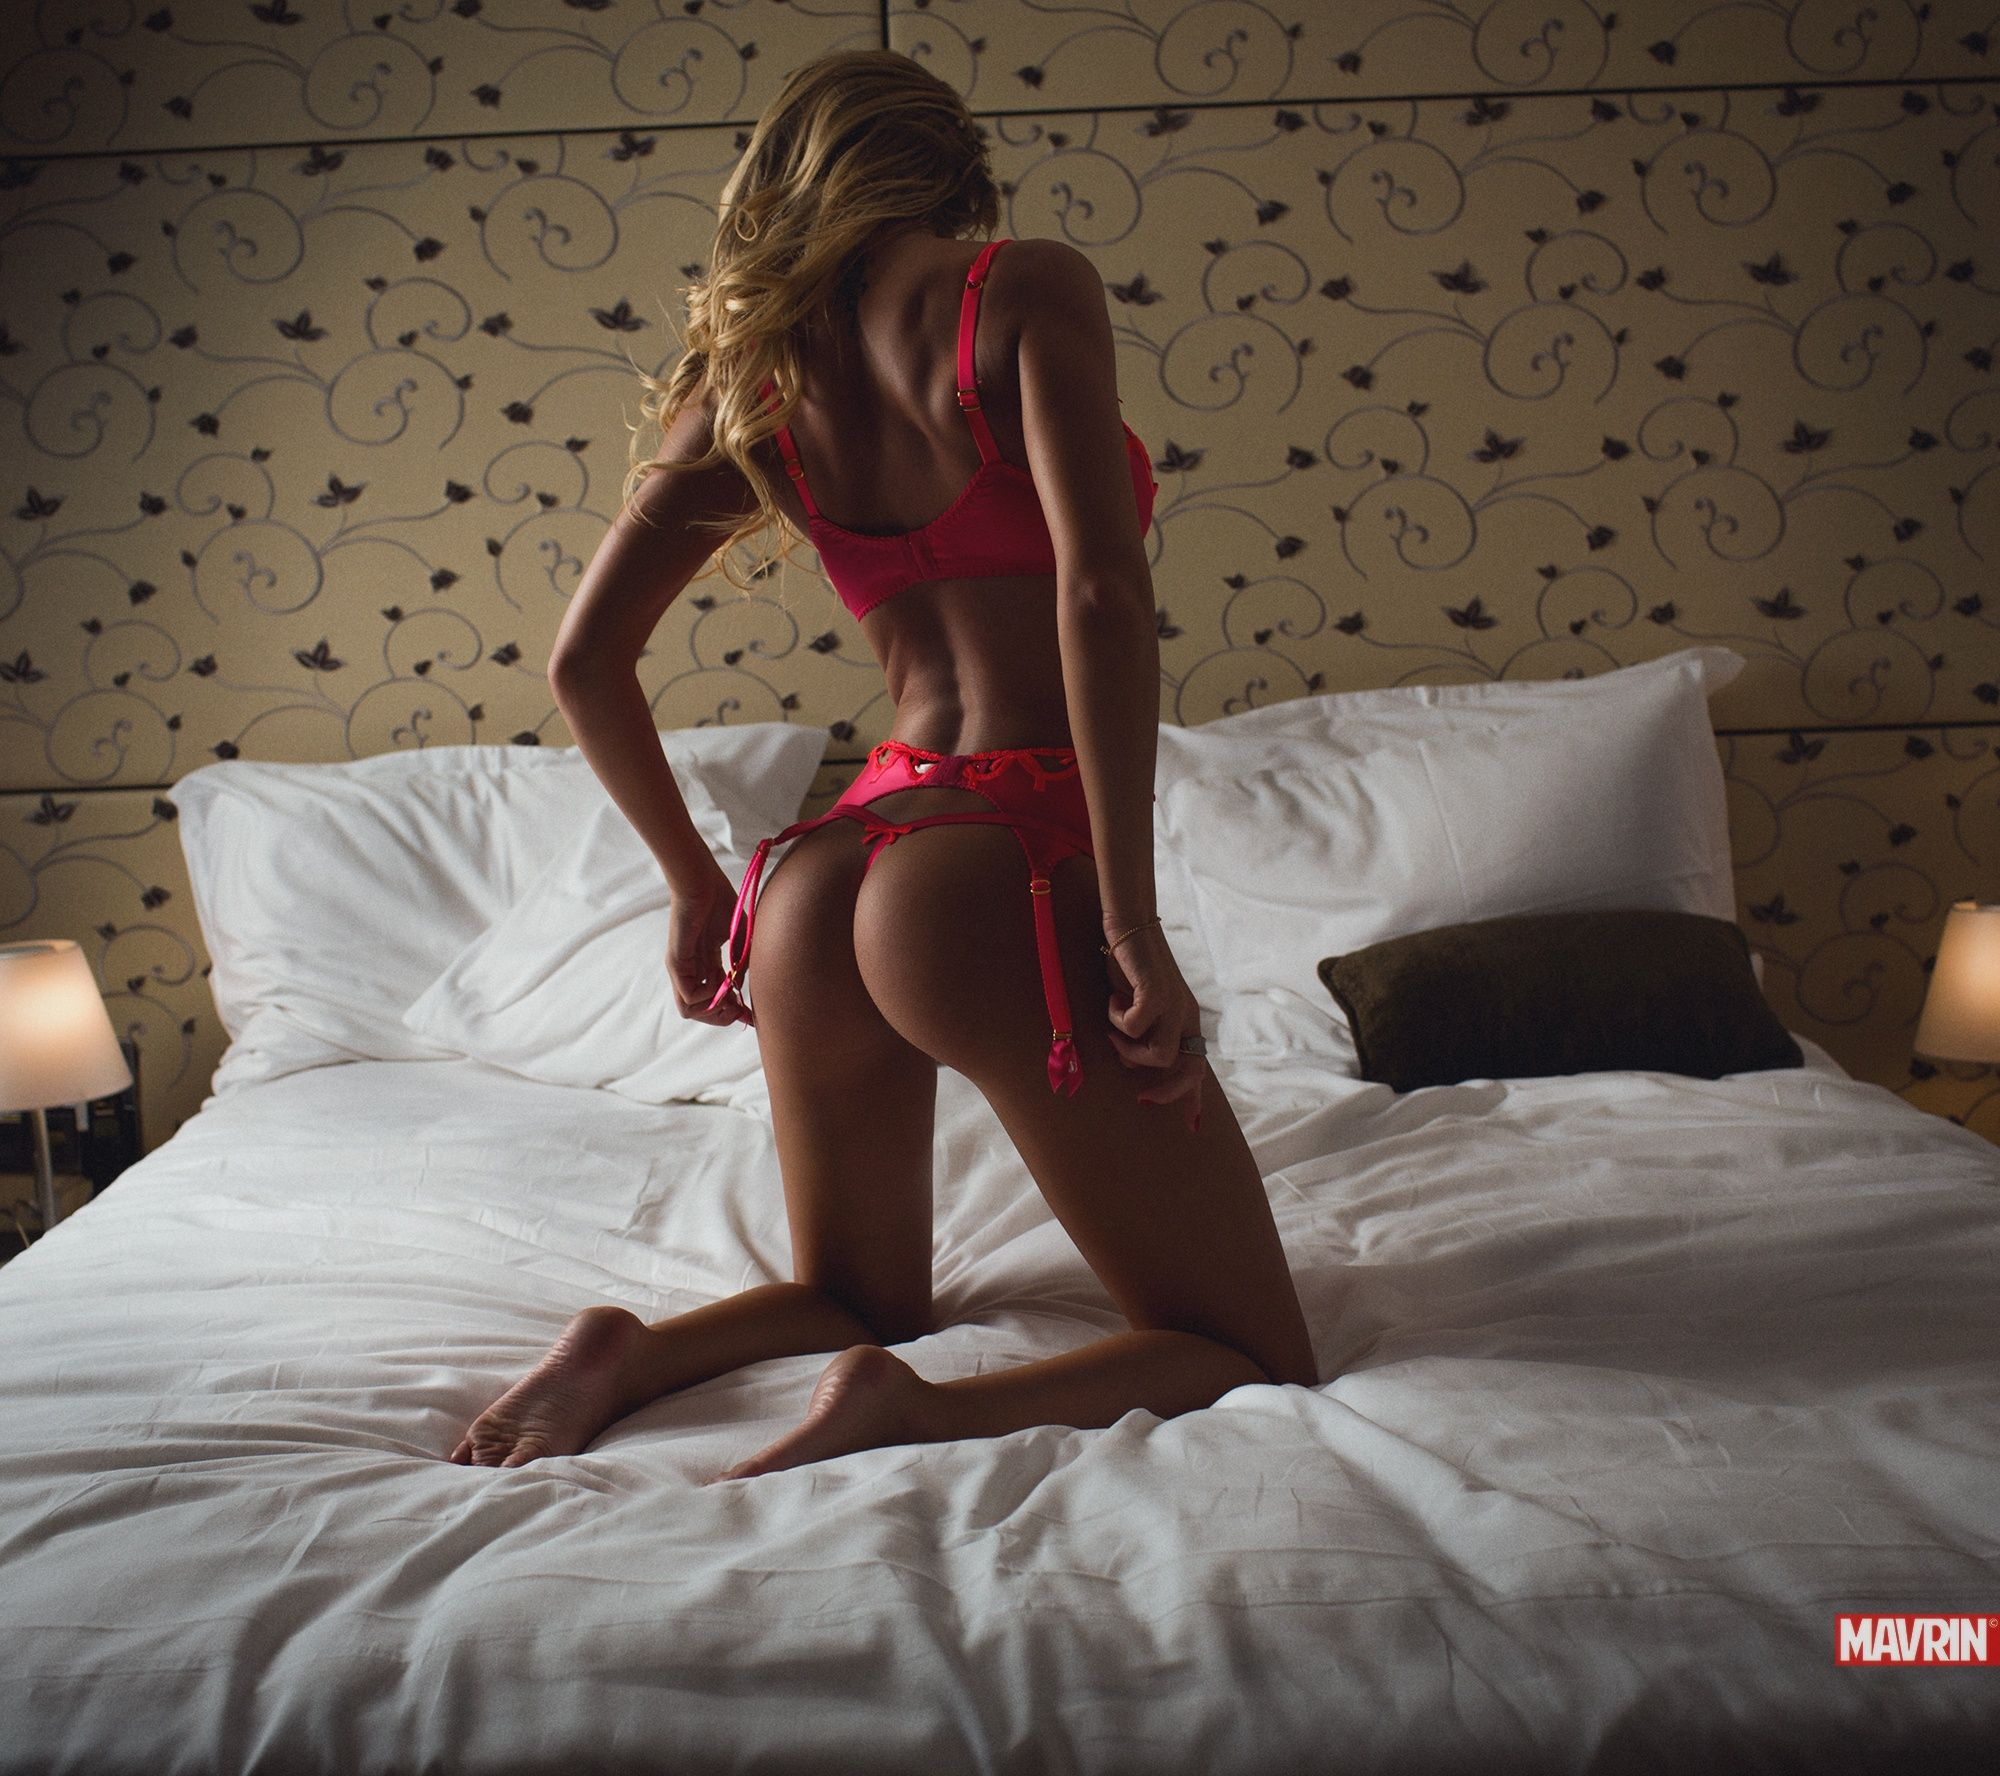 Alexander mavrin blonde models adult images